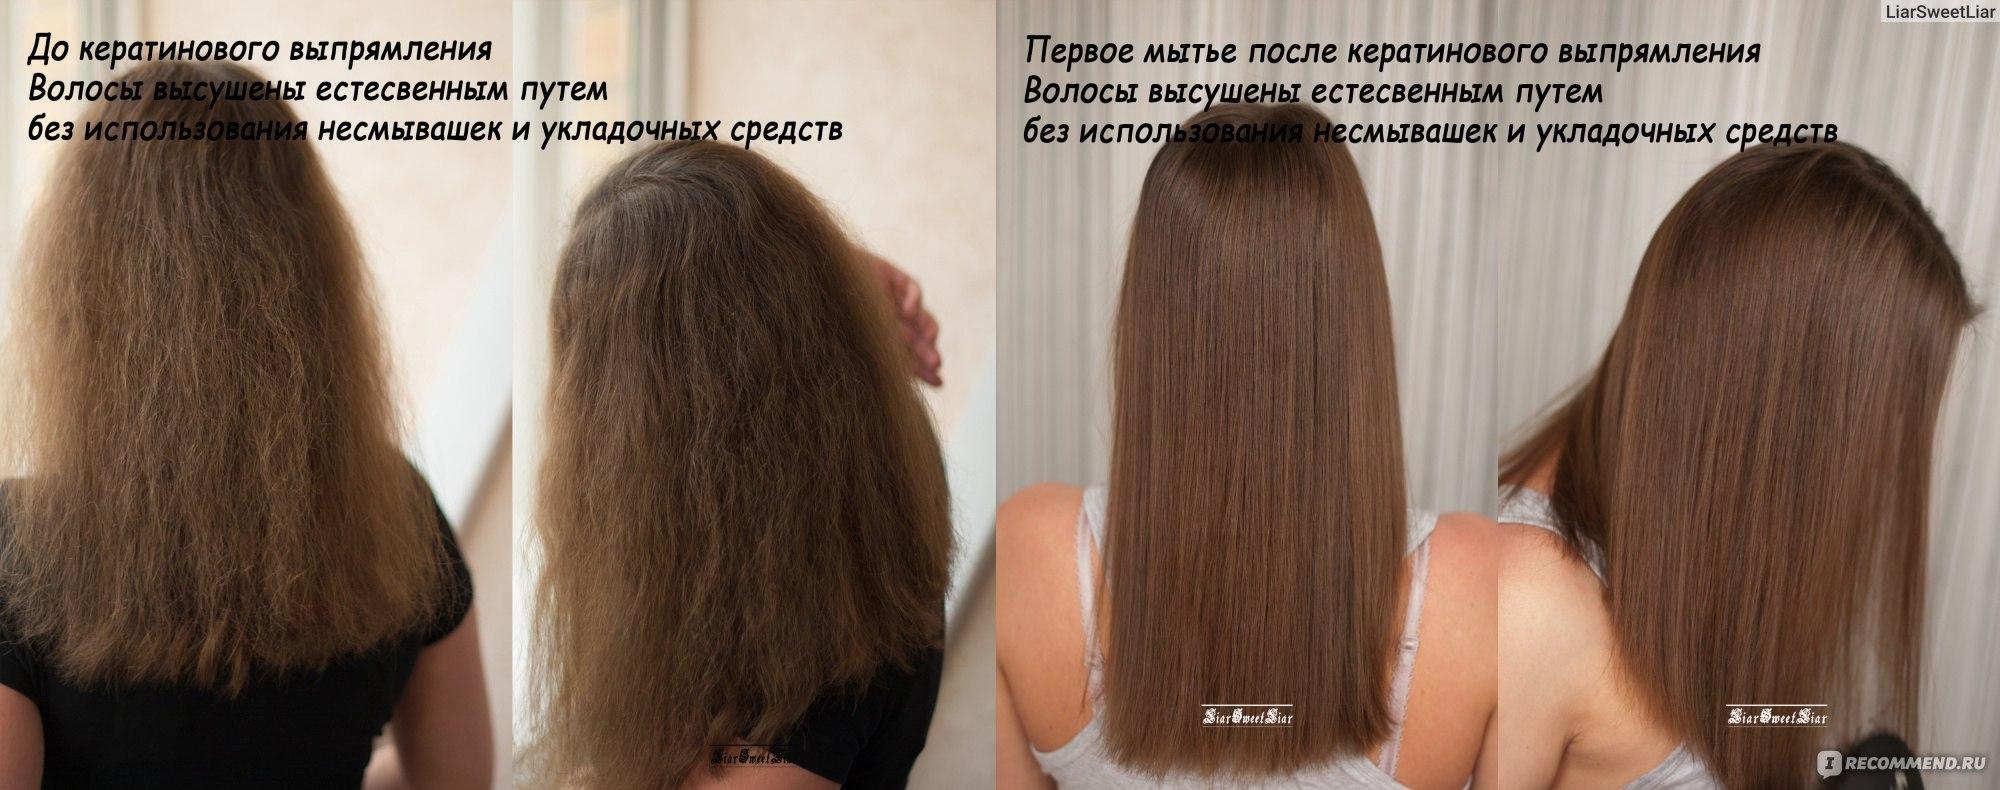 Выпрямить волосы негроидного типа